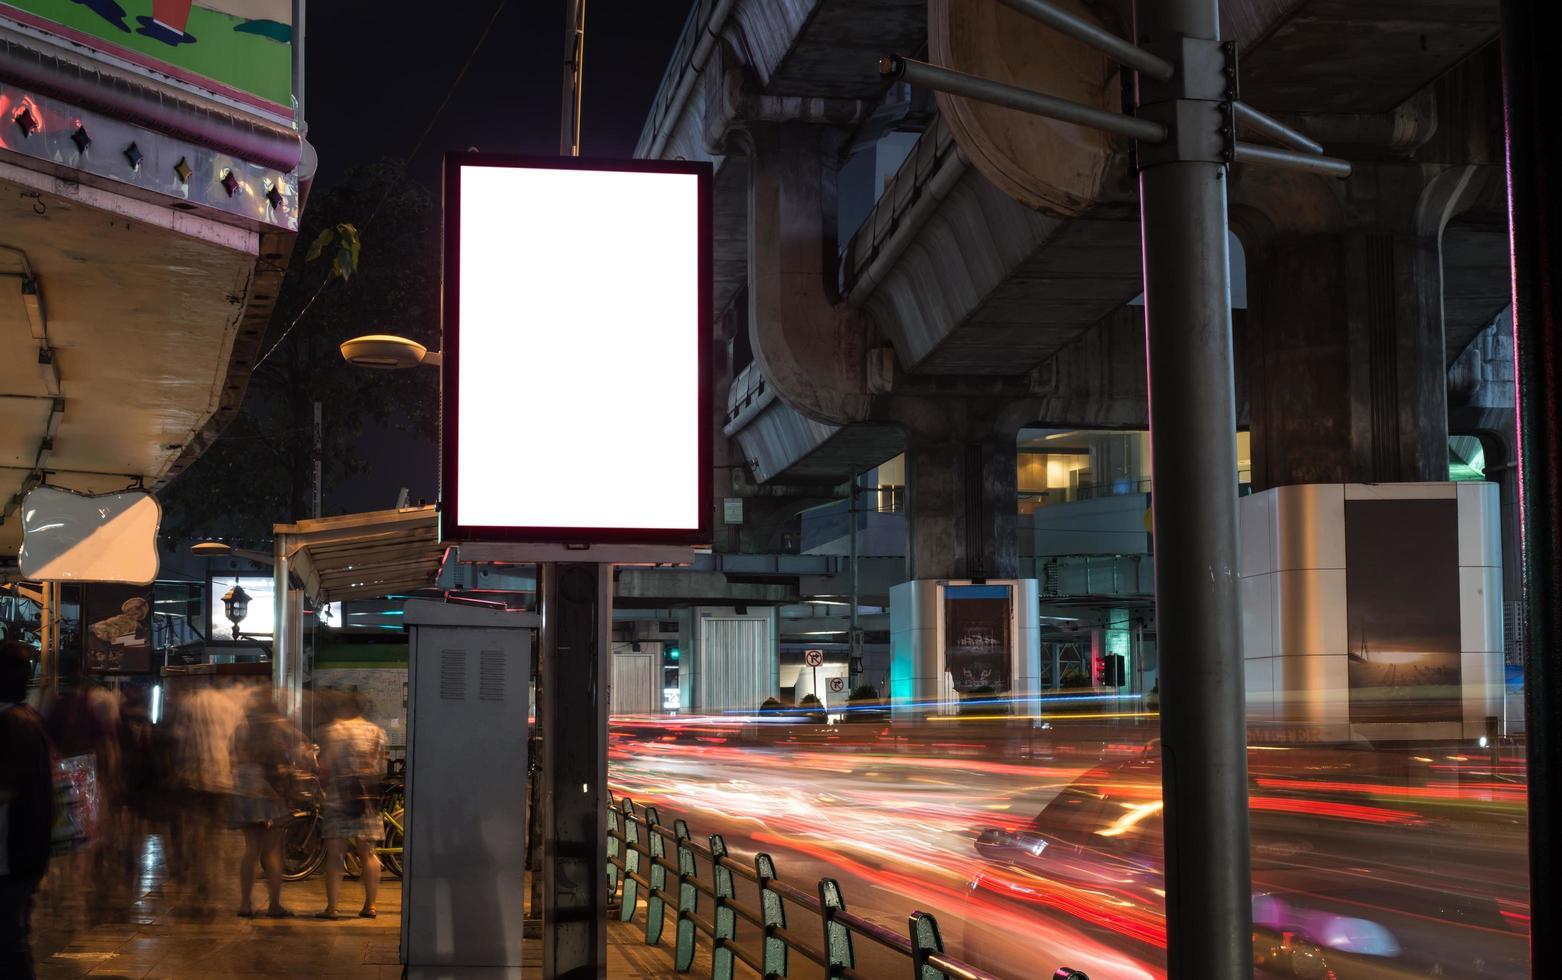 Cartelera en blanco con espacio de copia junto a la carretera por la noche foto